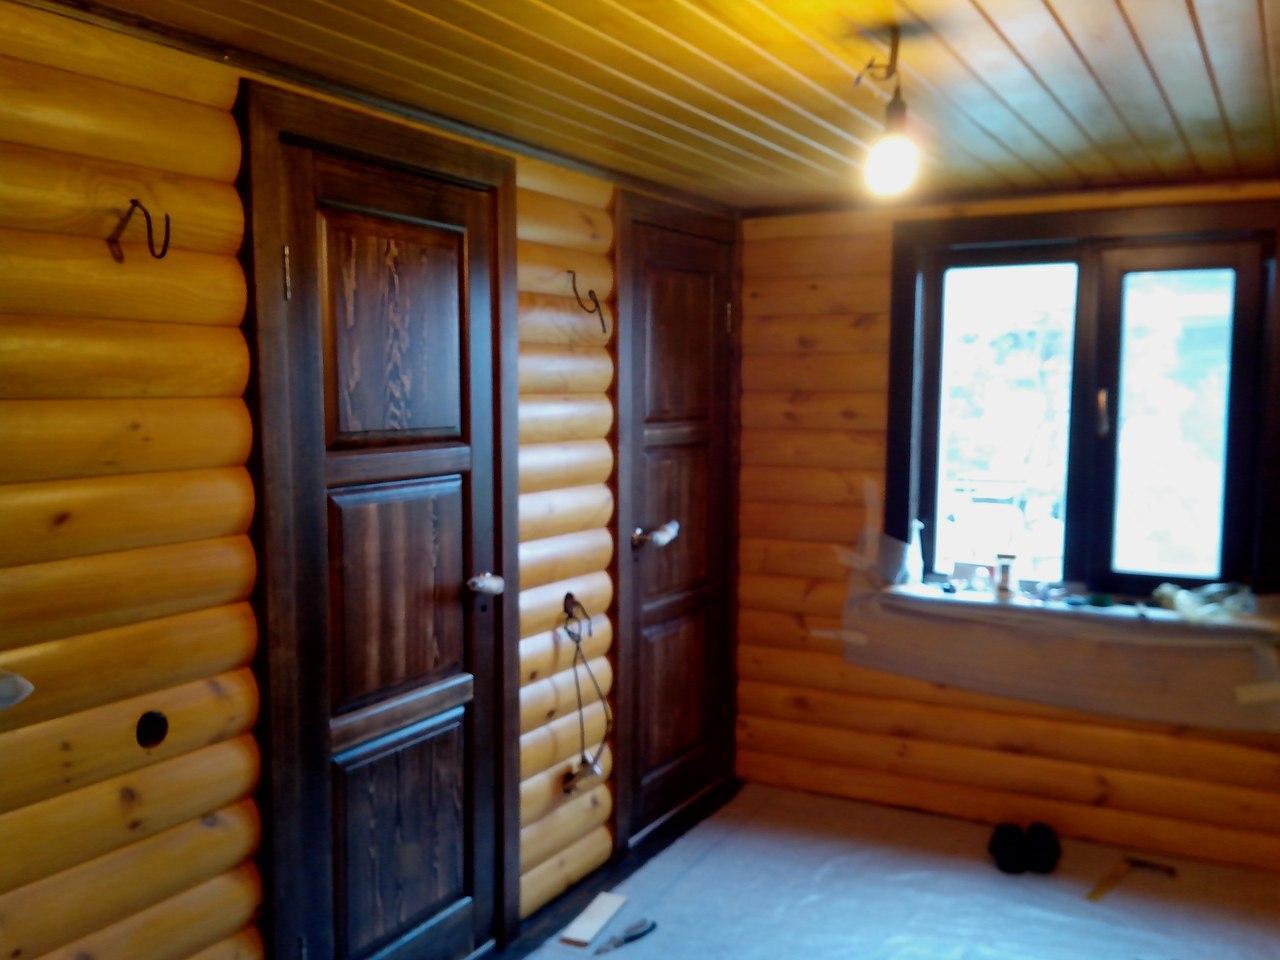 Блок хаус обшивка бани: отделка внутри и снаружи